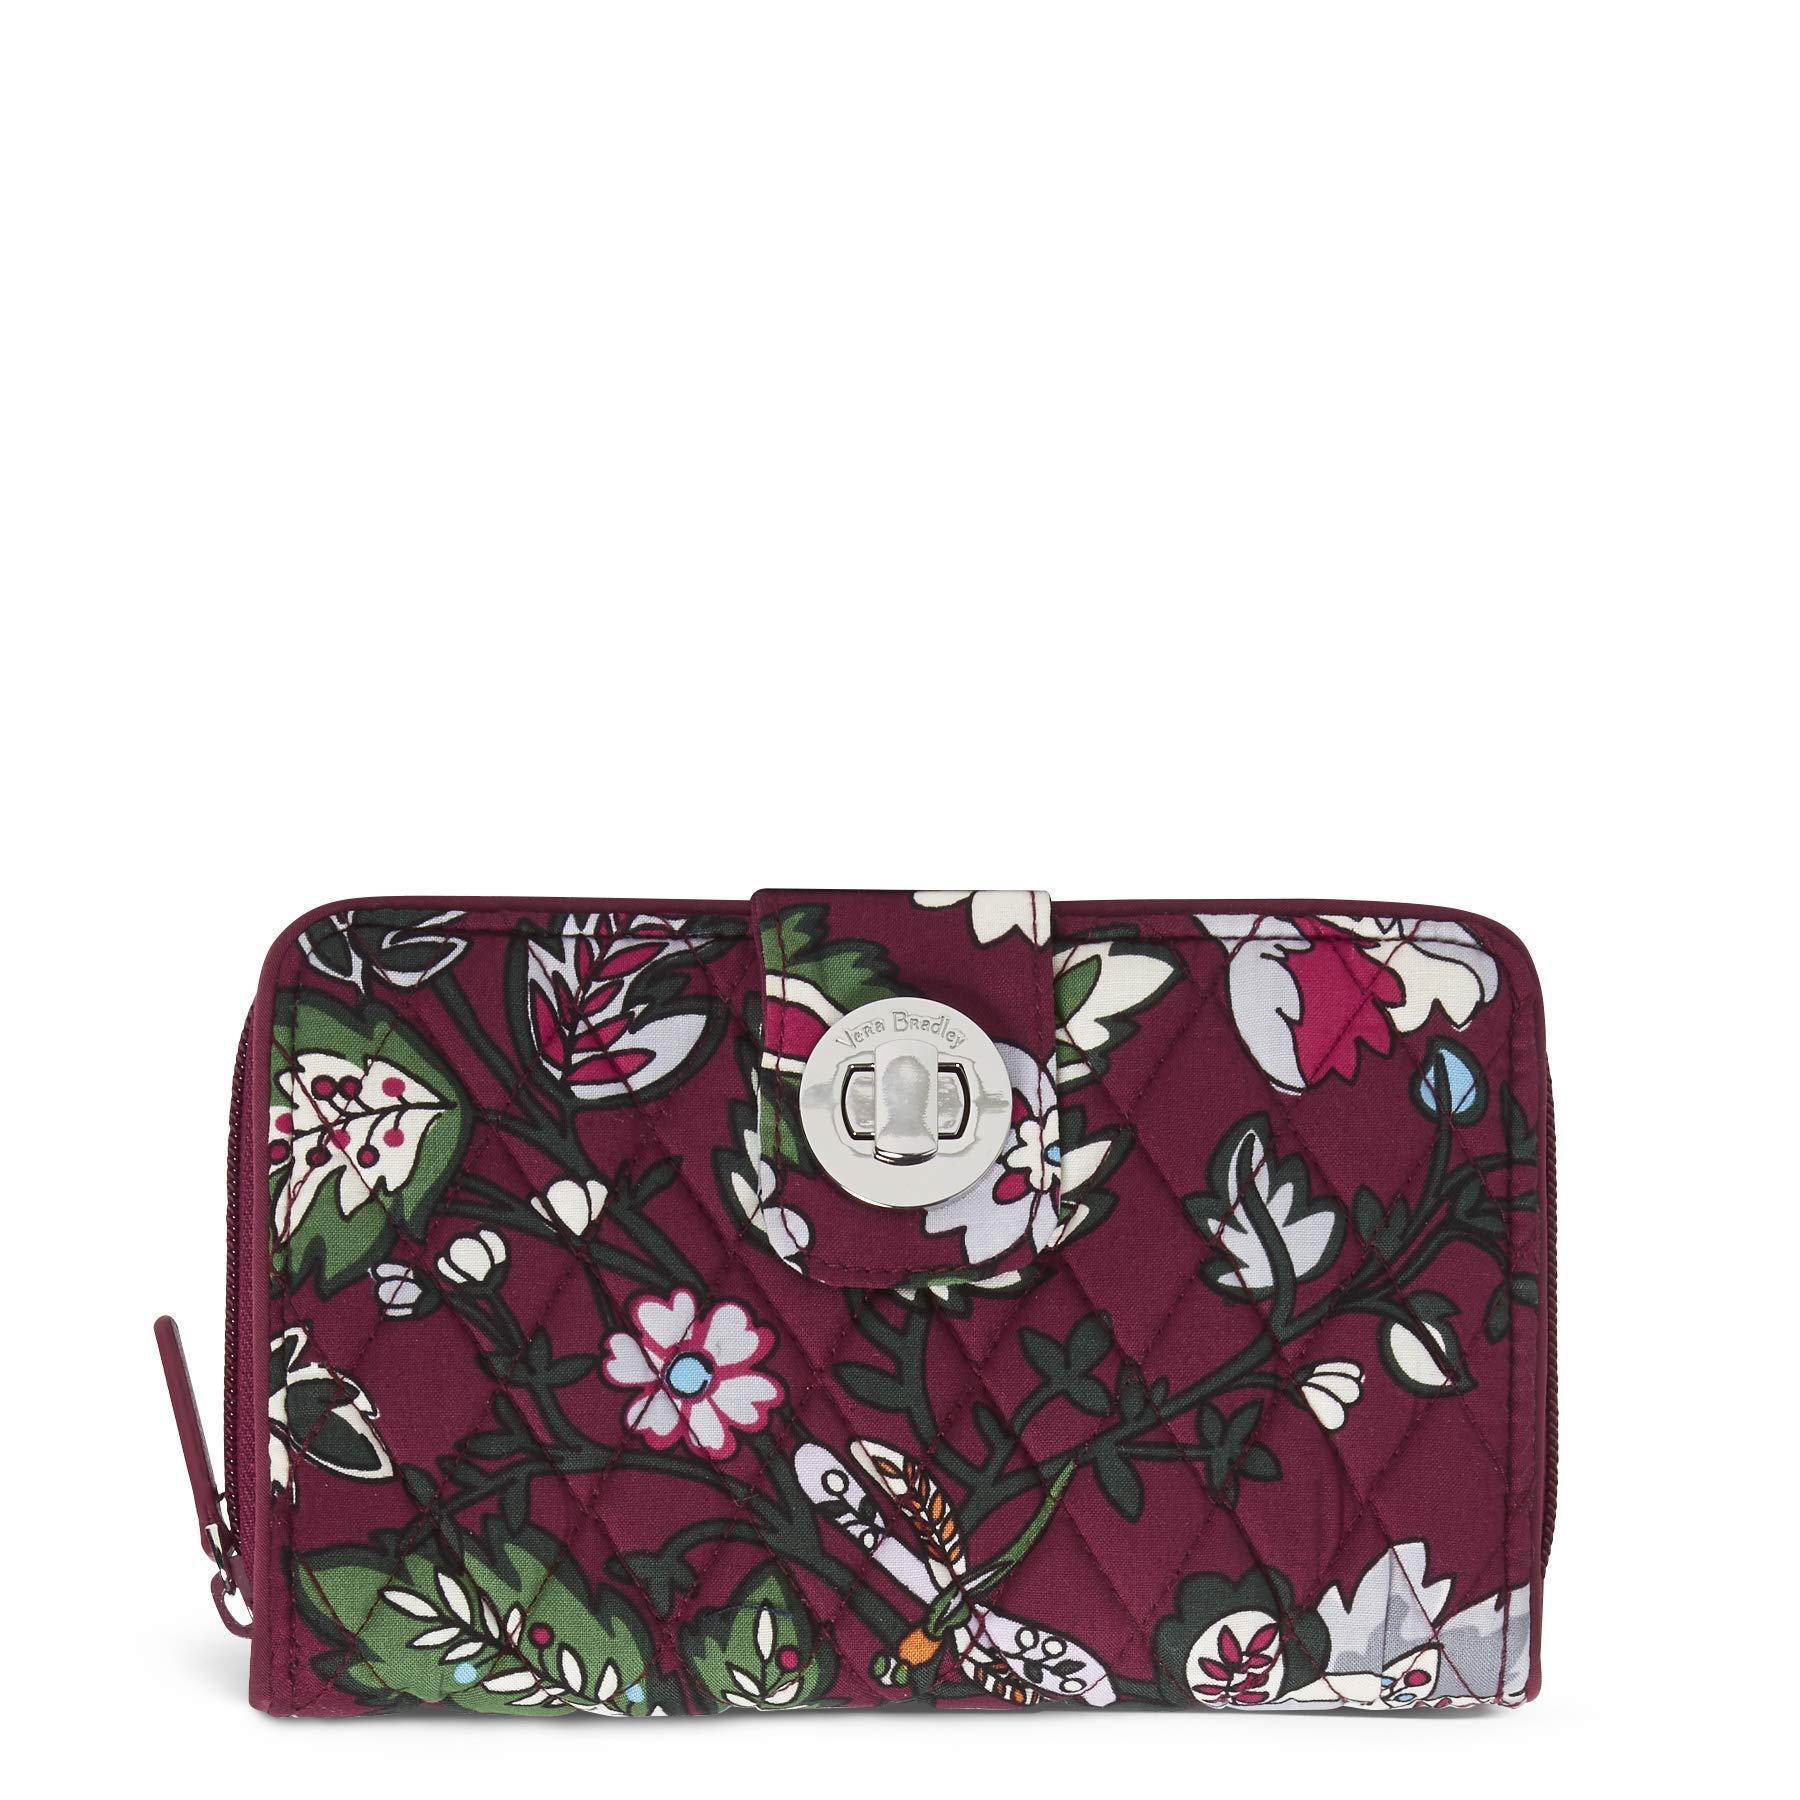 Vera Bradley RFID Turnlock Wallet,  Signature Cotton, One Size